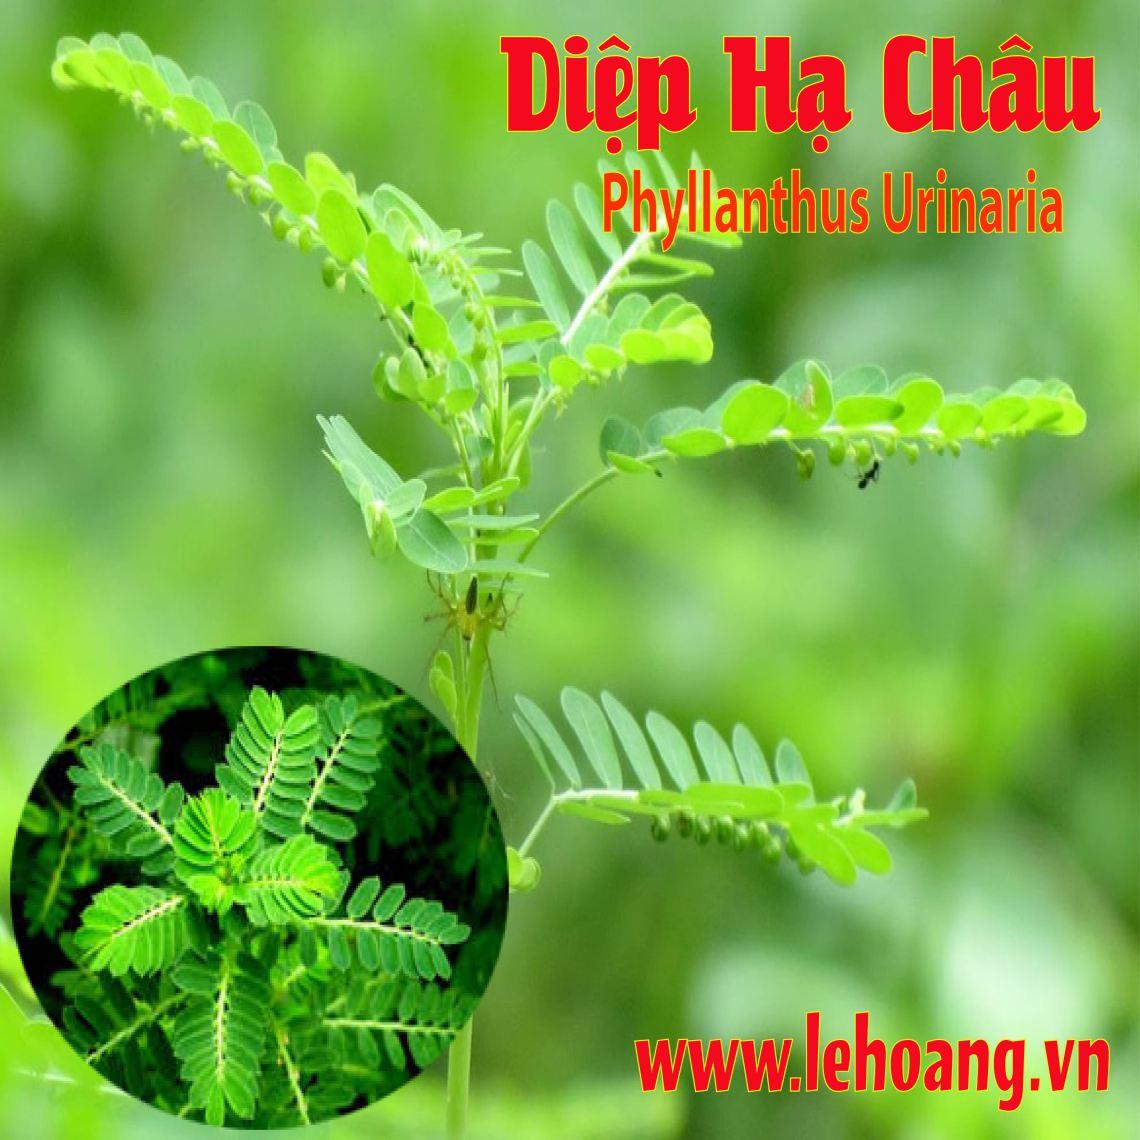 Mua Bán Cây Diệp Hạ Châu l Cây Chó đẻ (Phyllanthus) tại TpHCM